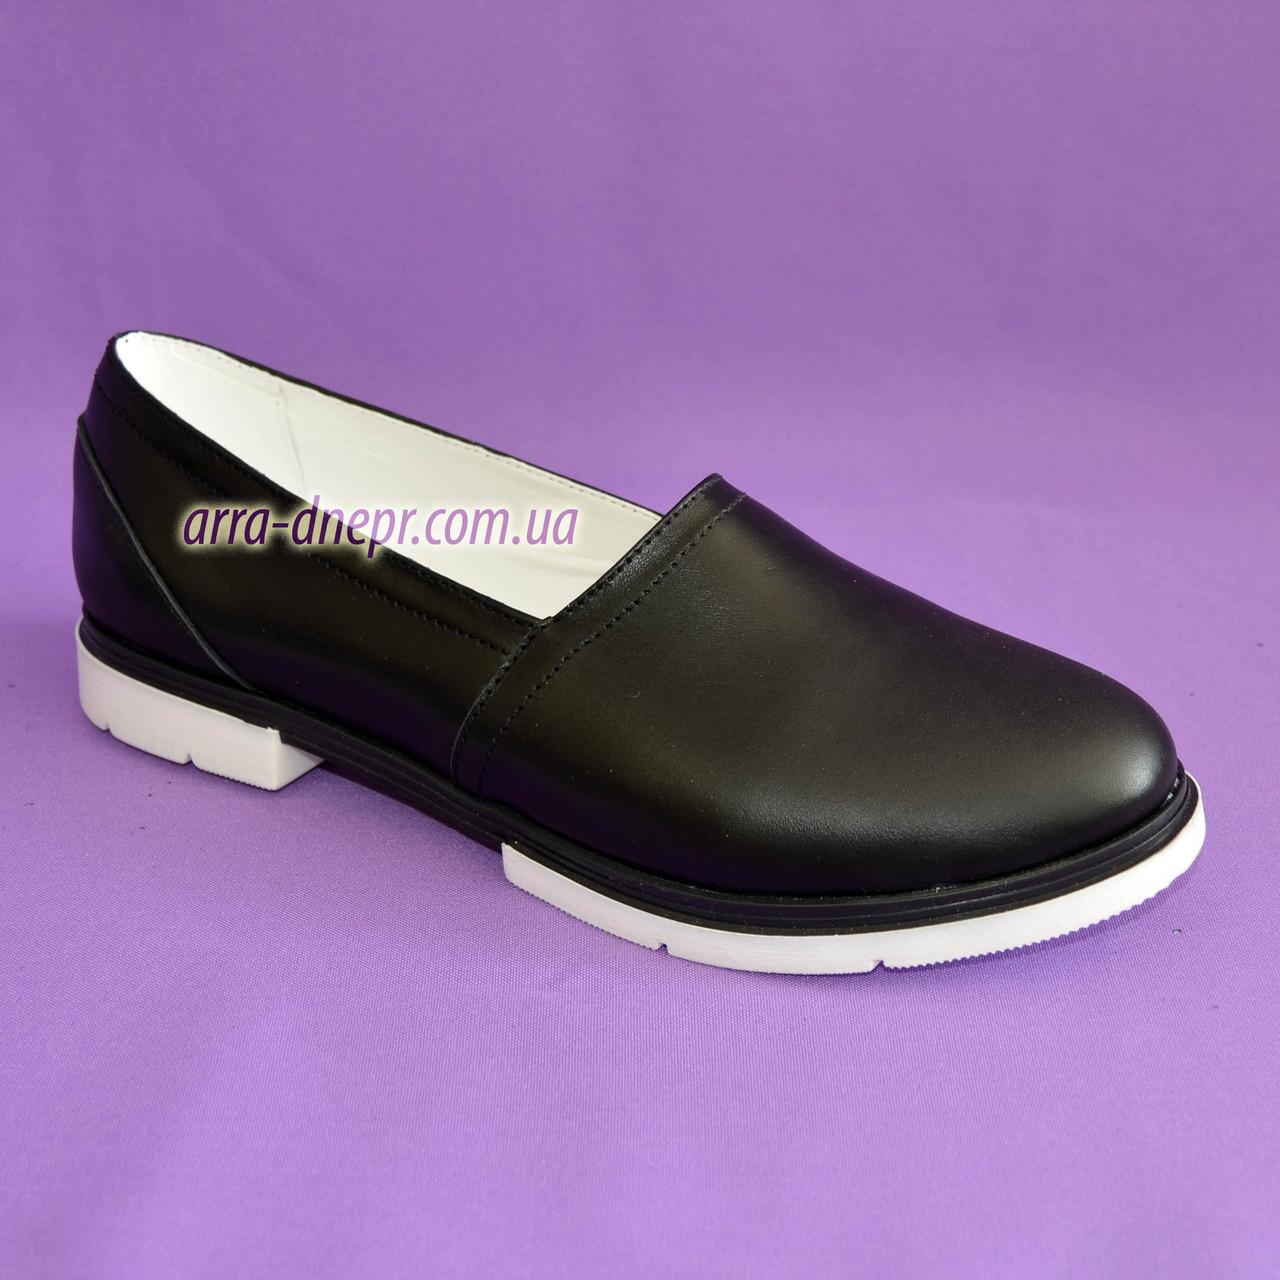 Женские кожаные черные туфли на утолщенной белой подошве